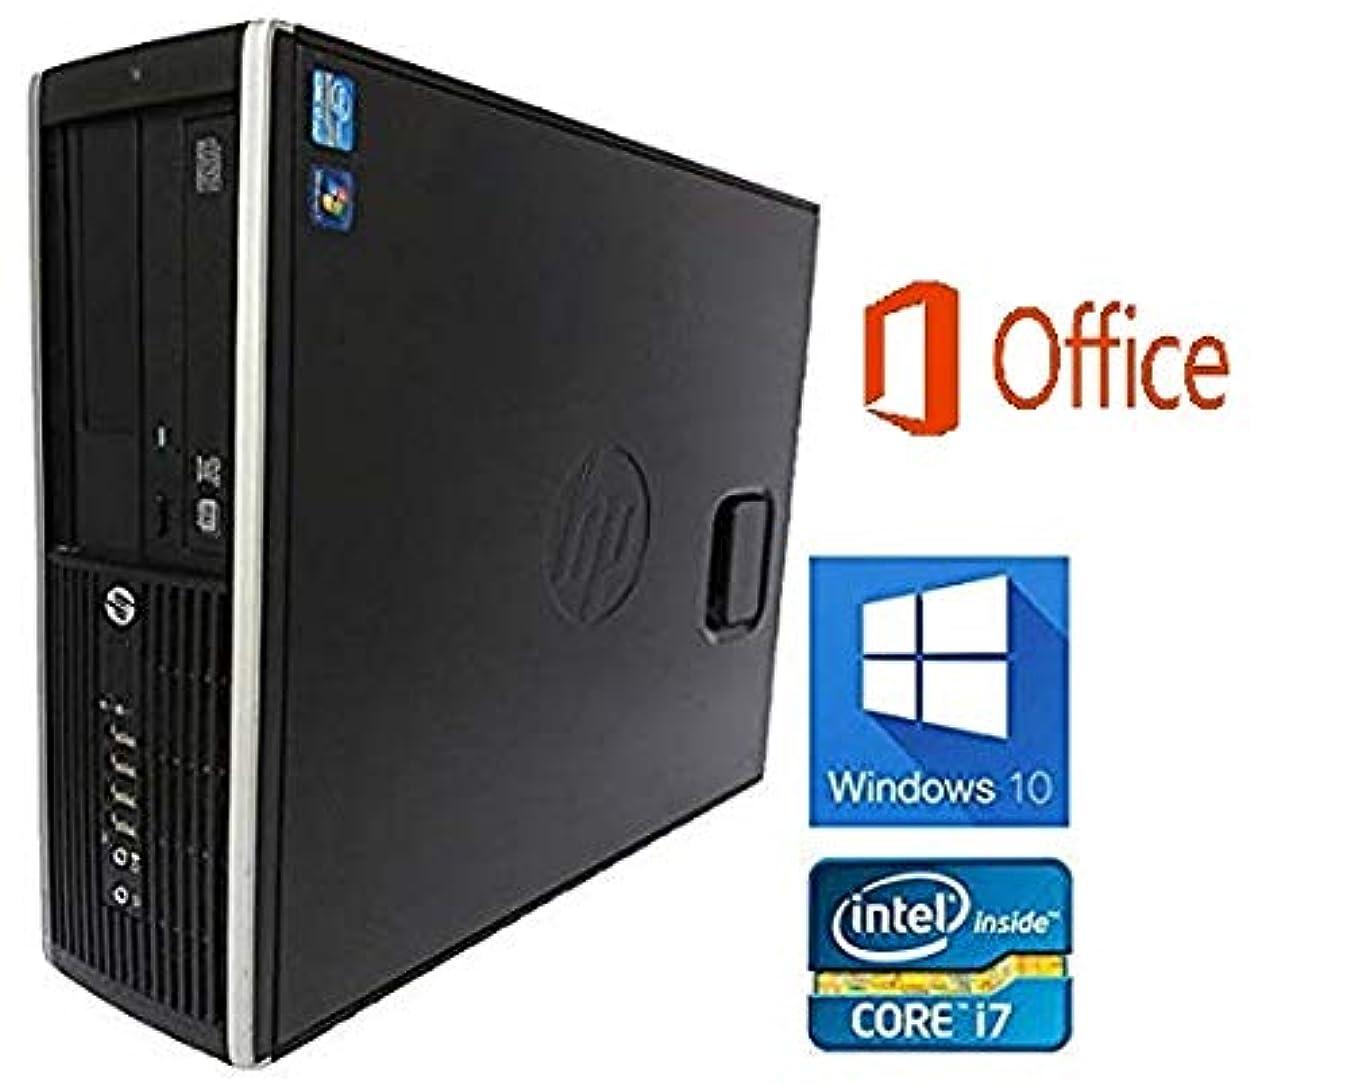 導出忌避剤トラフィック【Microsoft Office 2016搭載】【Windows10搭載】 HP Compaq Elite 8300 SFF/第三世代Core i7 3770@ 3.4GHz/大容量メモリー 16GB/新品SSD512GB/DVDマルチ/中古デスクトップパソコン